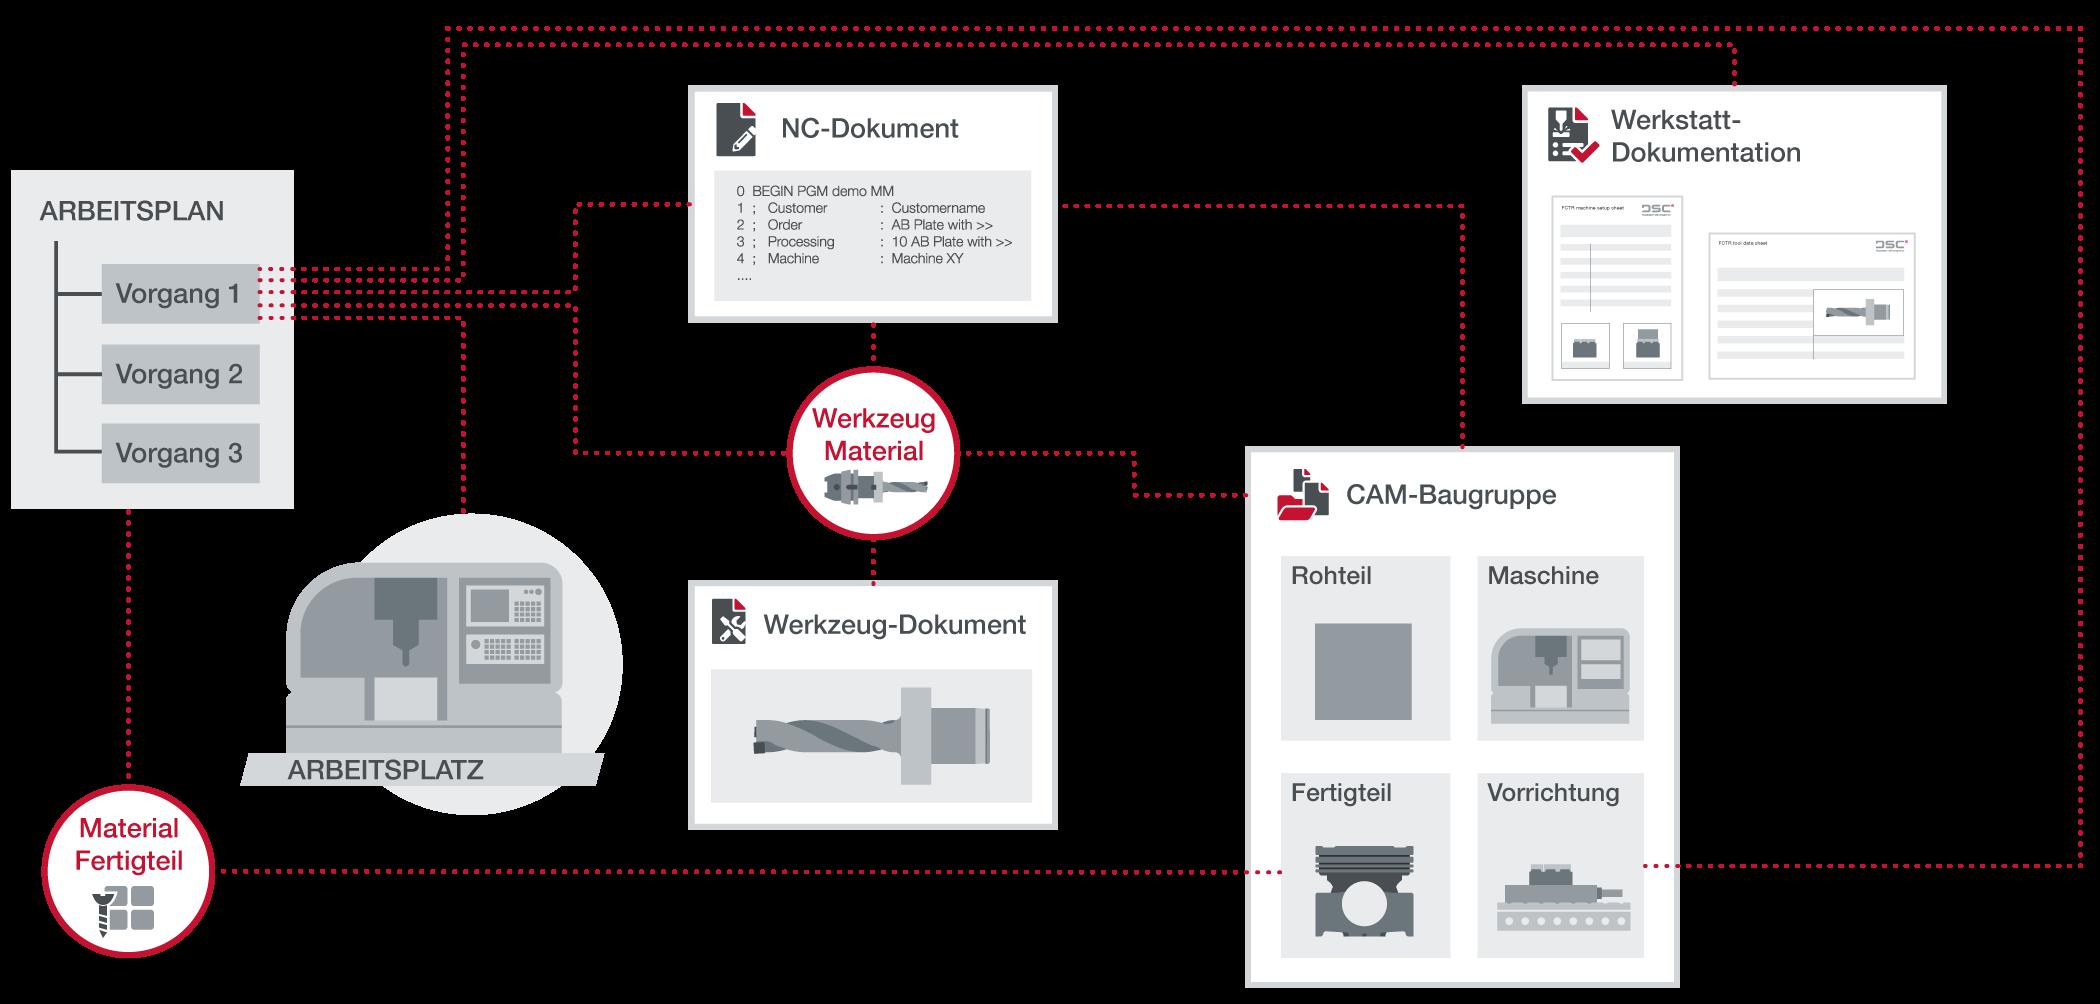 CAM-Datenmodell | Direkte Zuordnung der FHMIs zum Vorgang | Factory Control Center | Fertigung in SAP